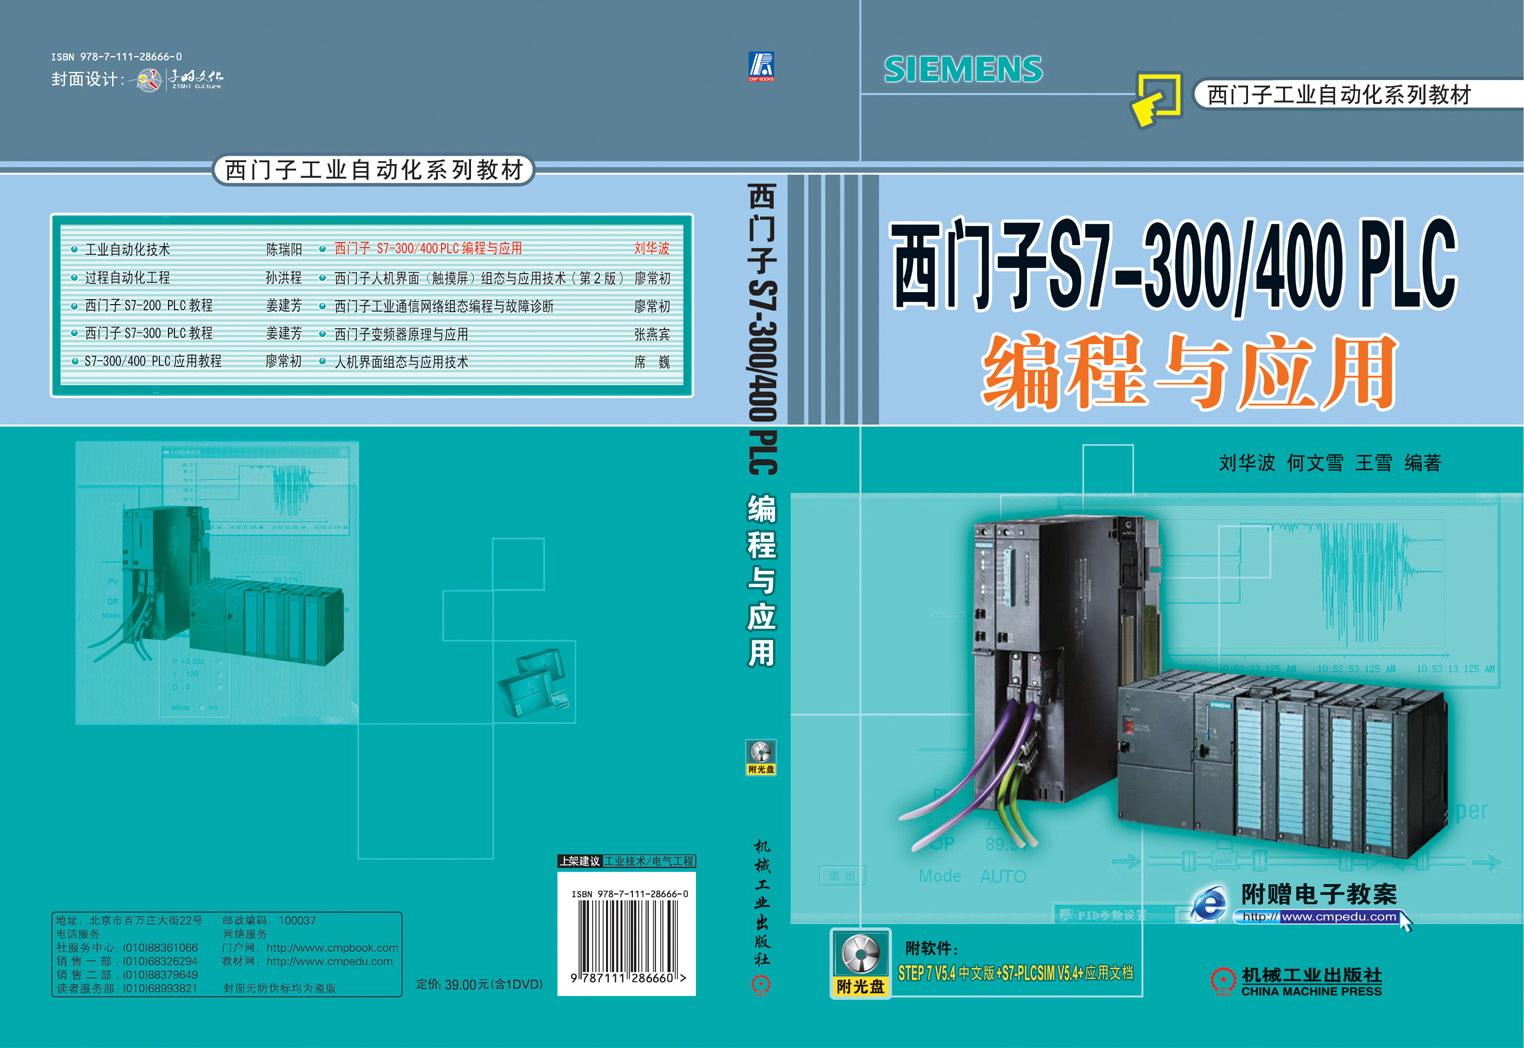 2.2  硬件接线     2.2.3  s7300 plc的扩展能力     2.2.